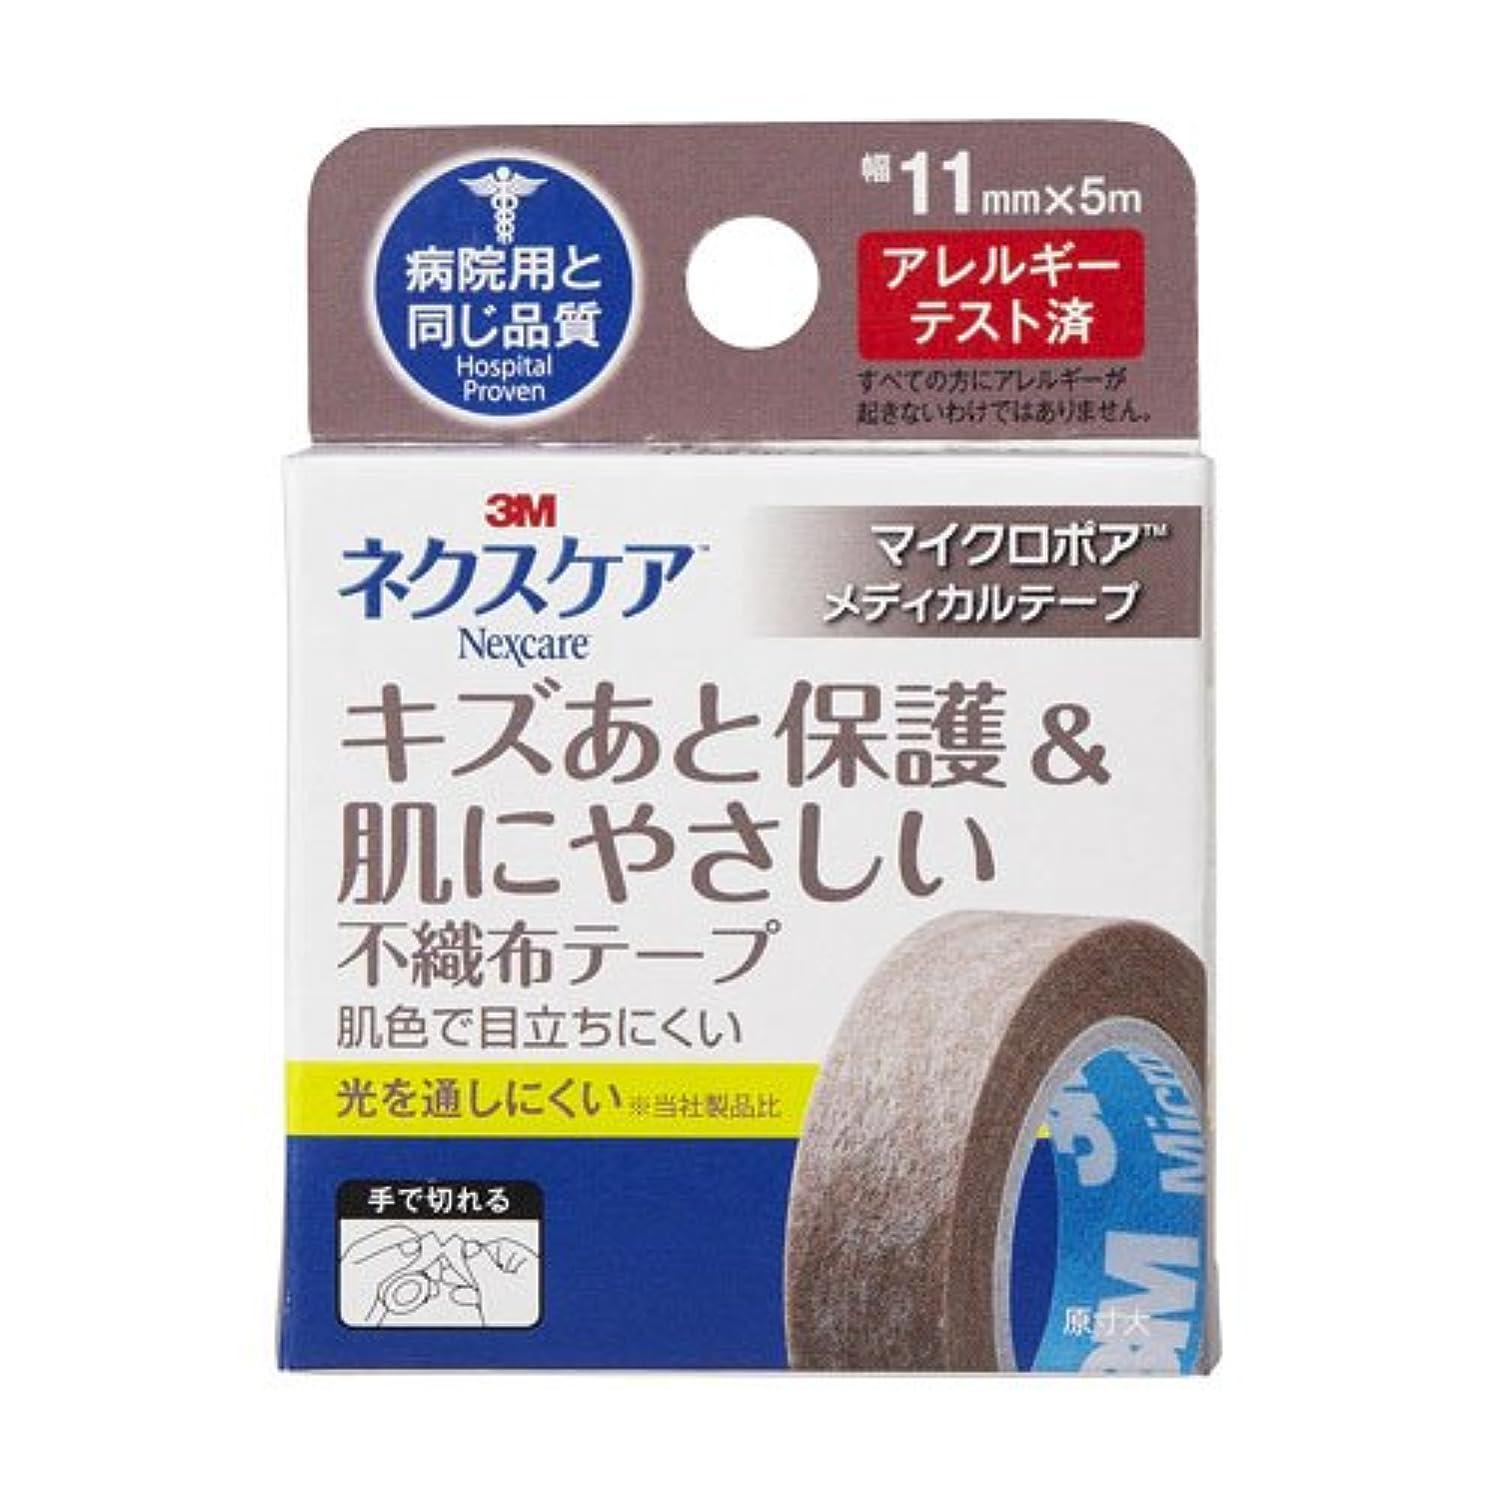 社会定義する水没3M(スリーエム) ネクスケア キズあと保護&肌にやさしい不織布テープ ブラウン 11mm 5.0m